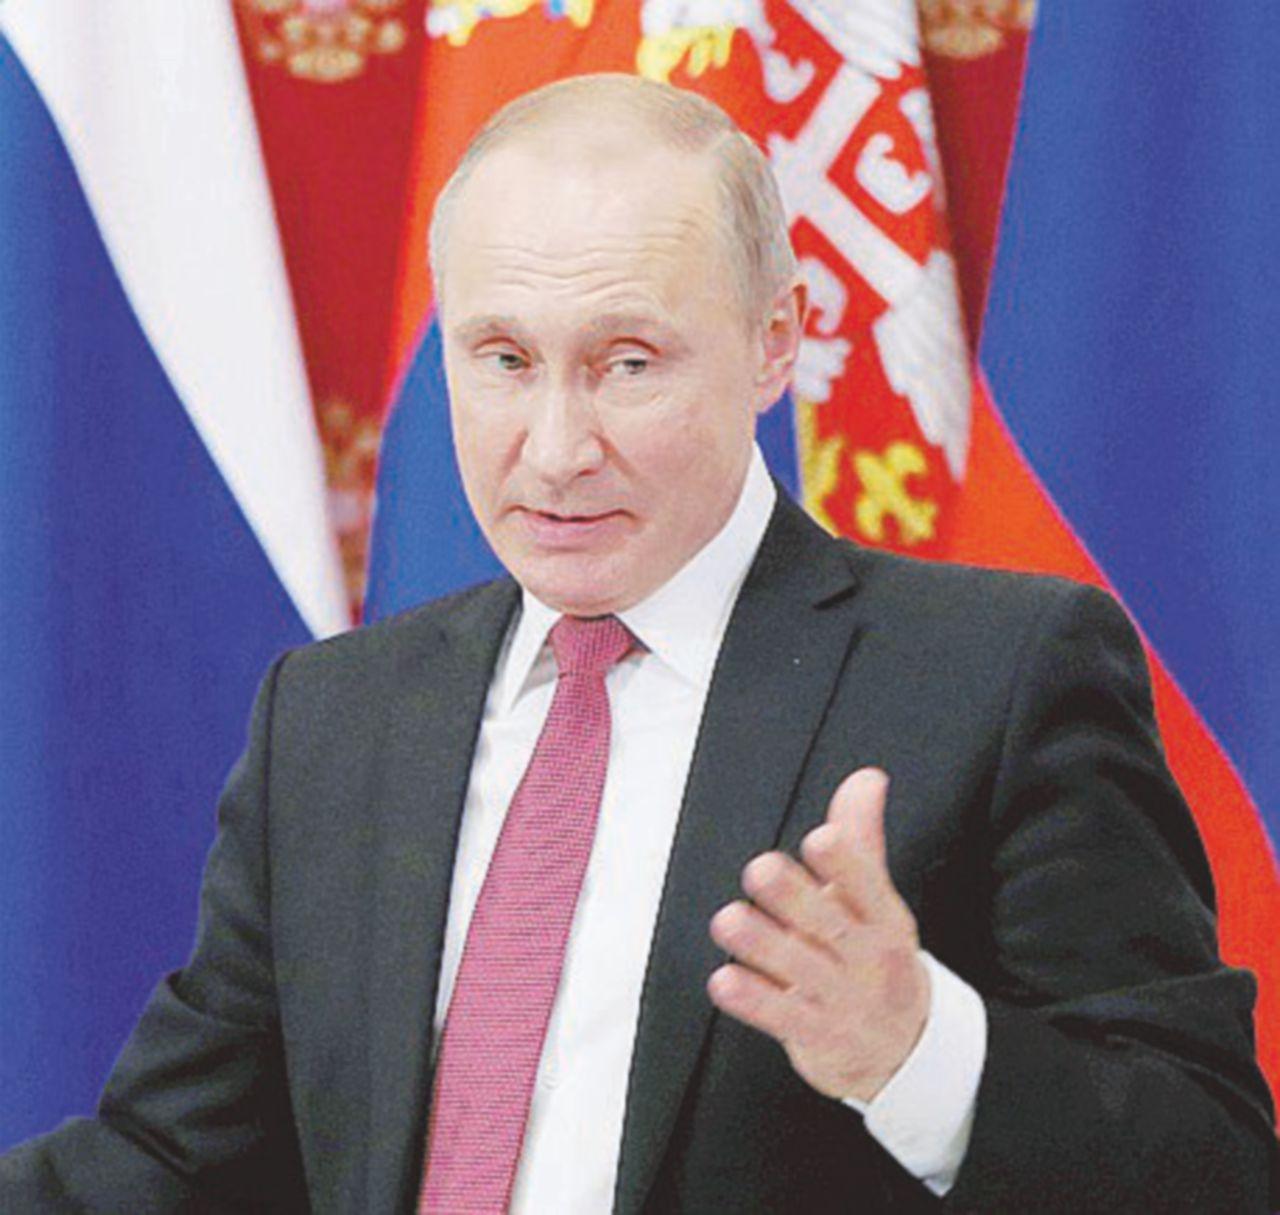 Cent'anni della premiata ditta Kgb: Putin omaggia il lato oscuro della (sua) forza